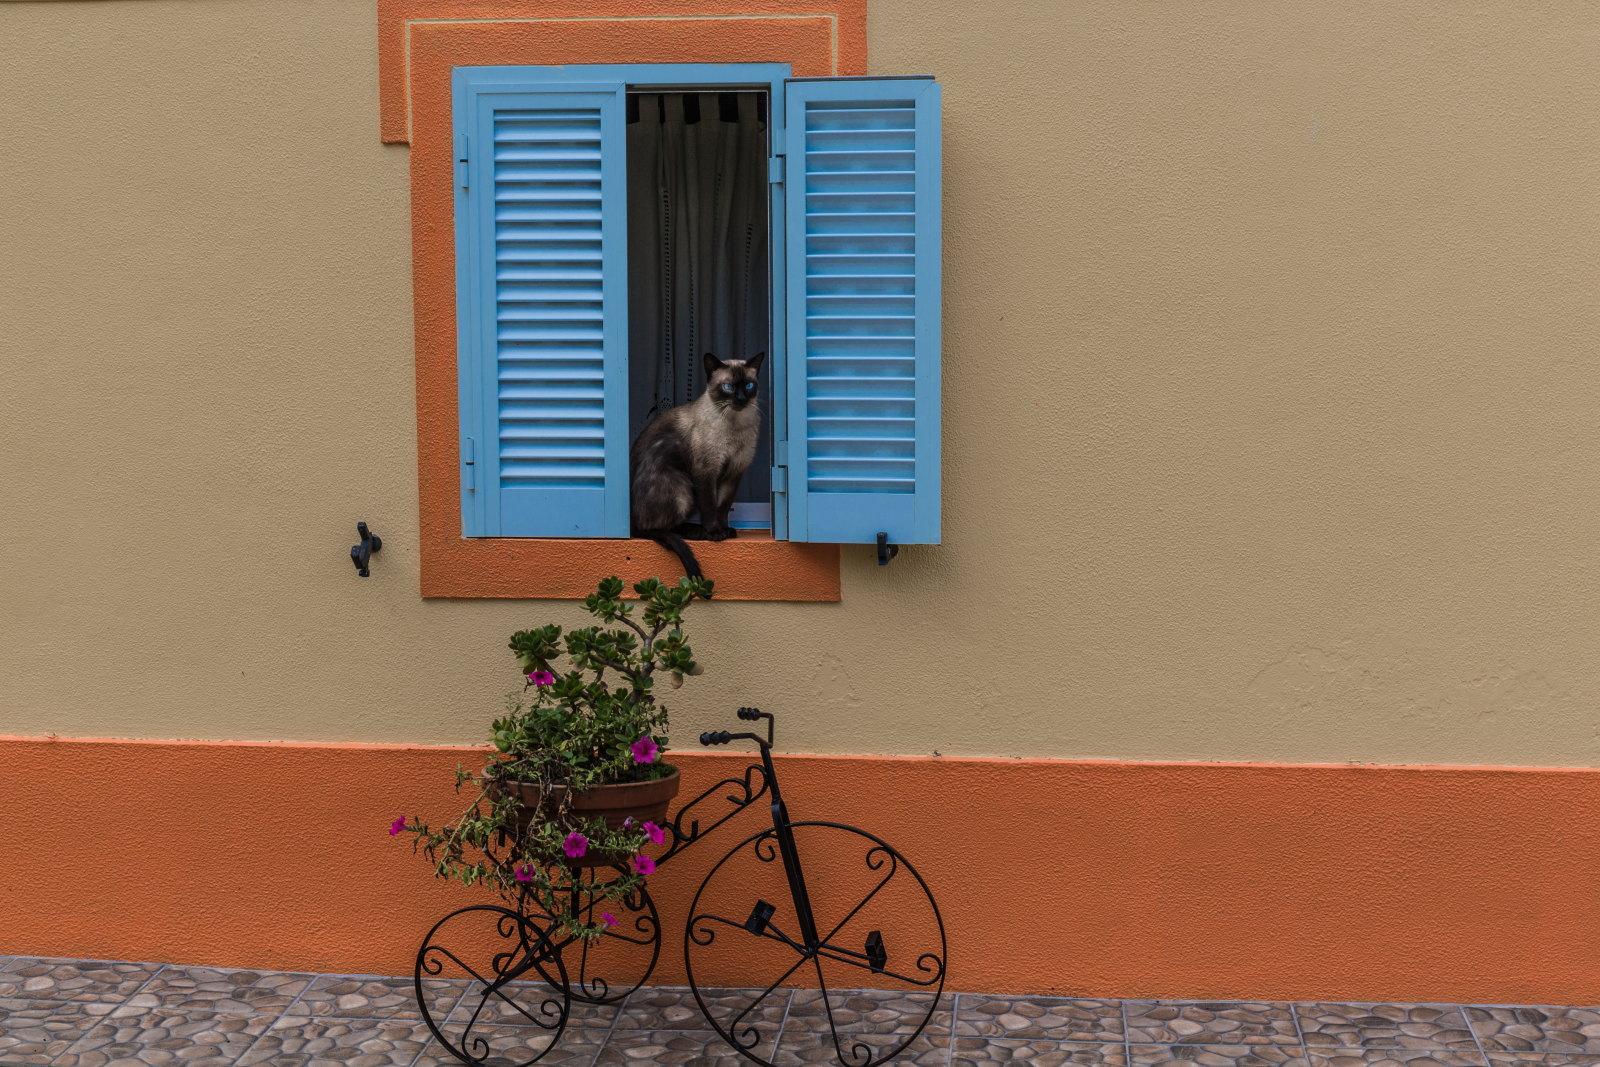 2. Platz: Karl Jäger - Katze im Fenster